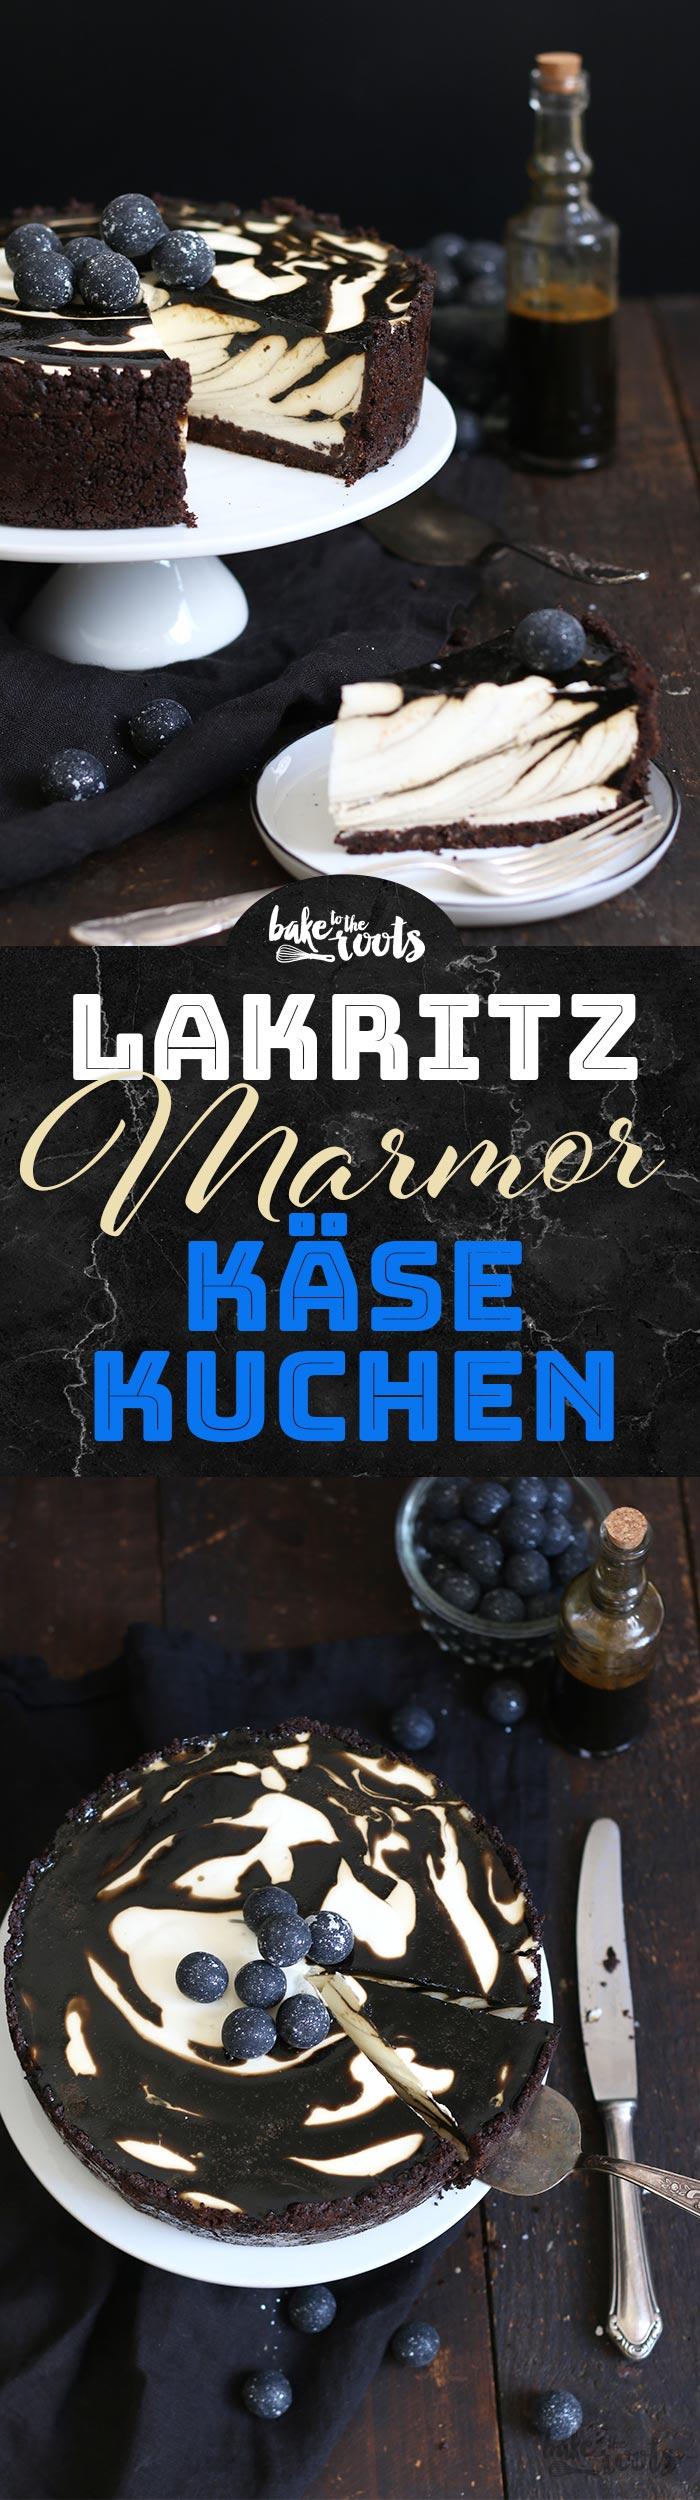 Lakritz Marmor Käsekuchen   Bake to the roots